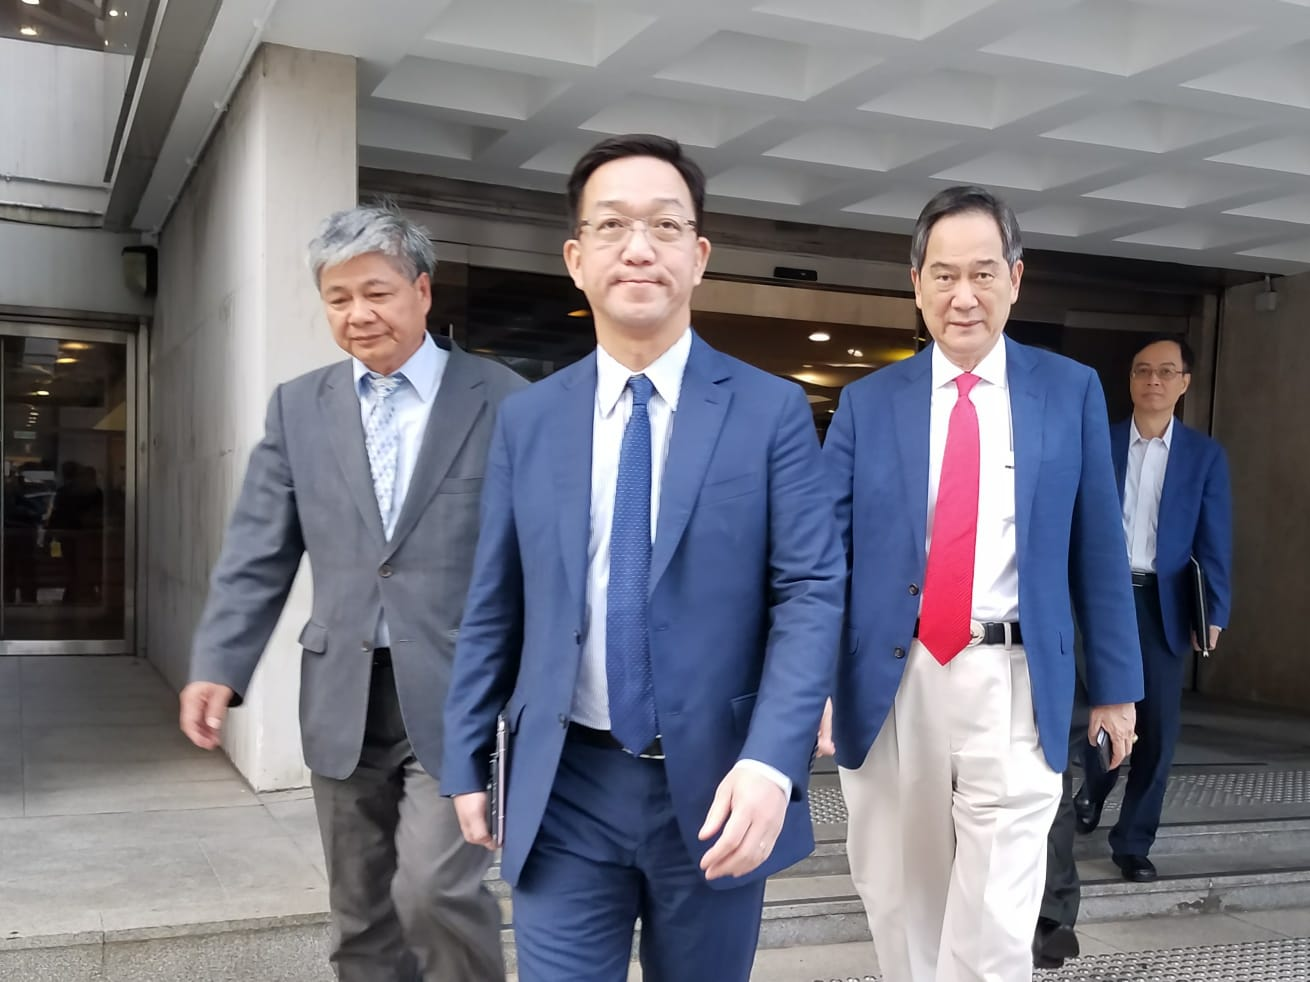 鄉議局主席劉業強(中)、副主席林偉強(右)。黃梓生攝